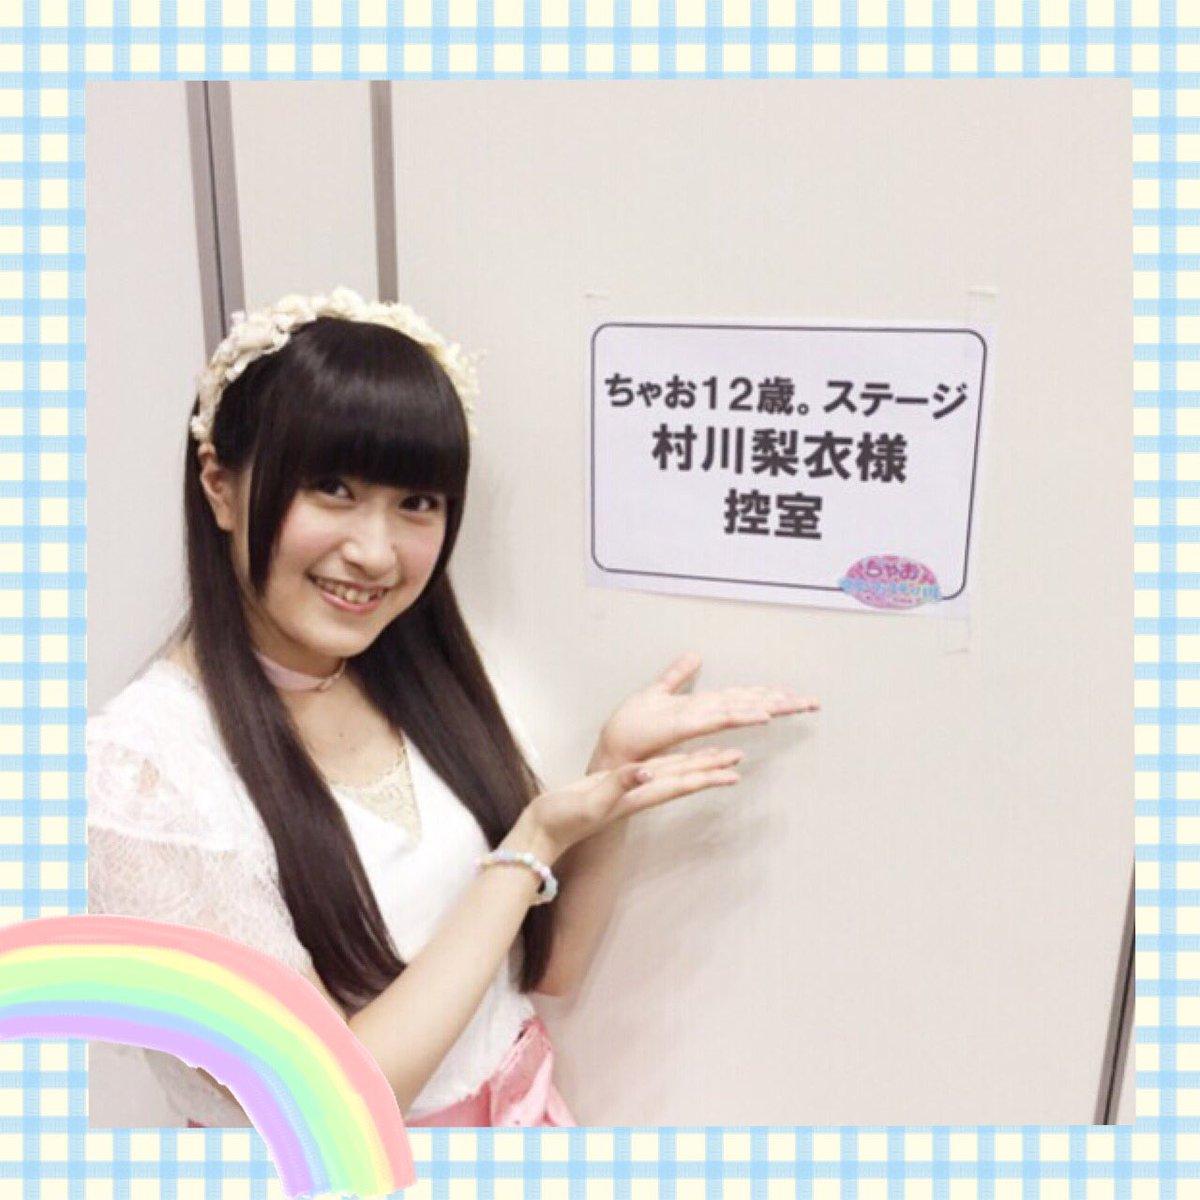 성우 무라카와 리에씨의 사진, 역시 참 귀엽네요.